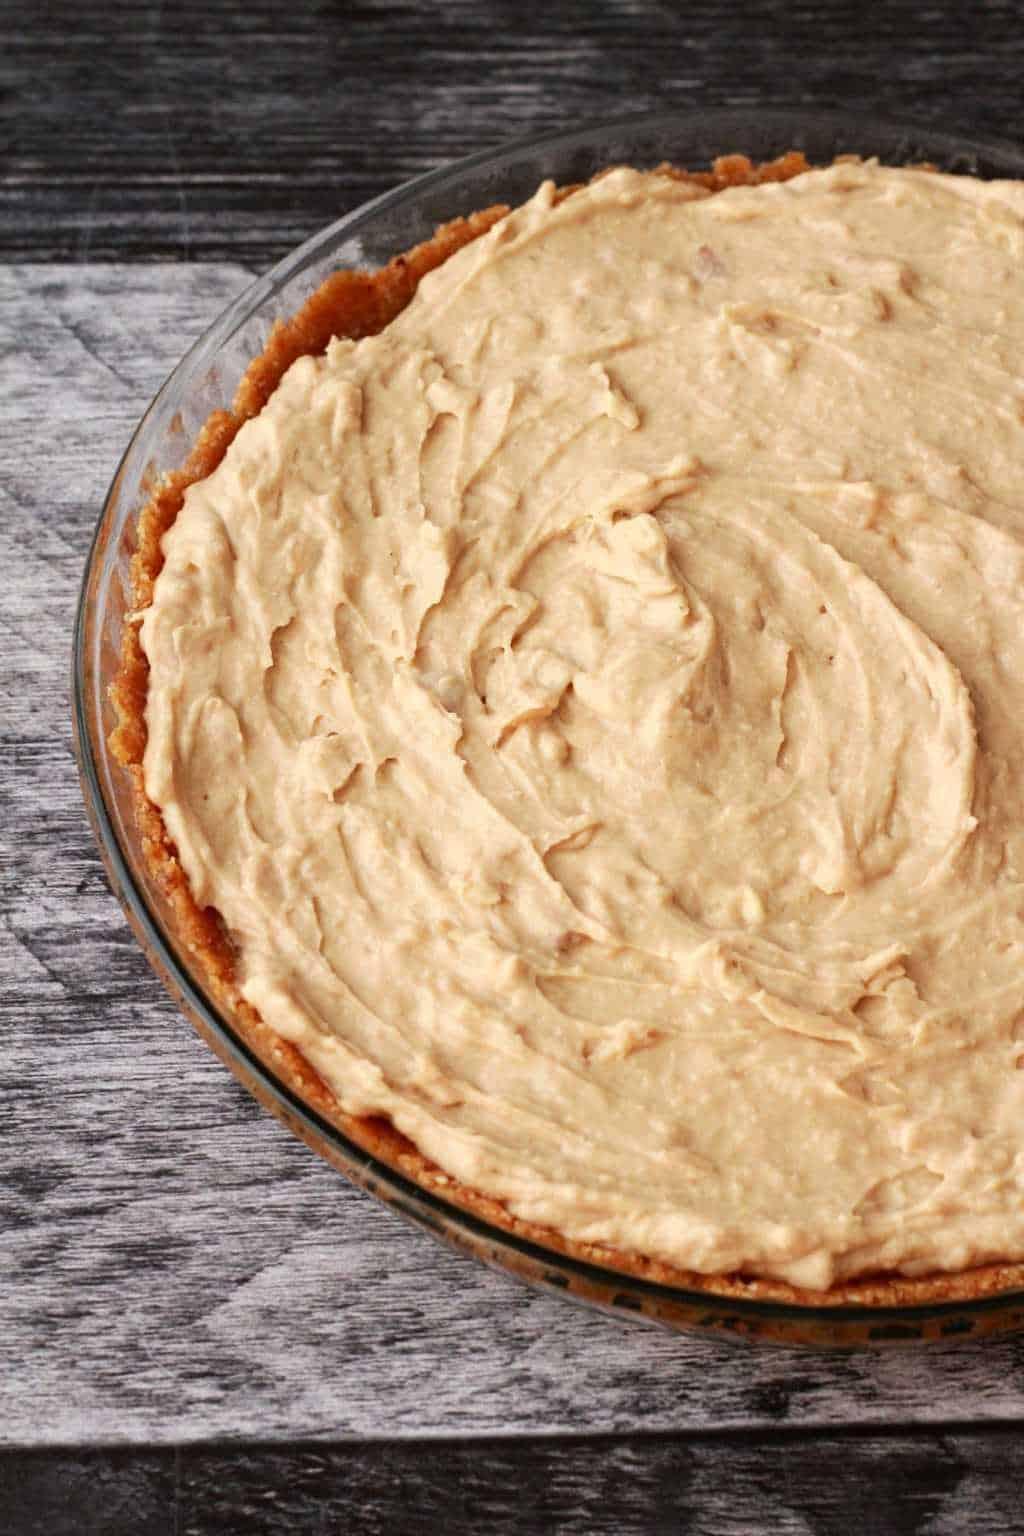 Making a Vegan Coconut Cream Pie. #vegan #lovingitvegan #dessert #pie